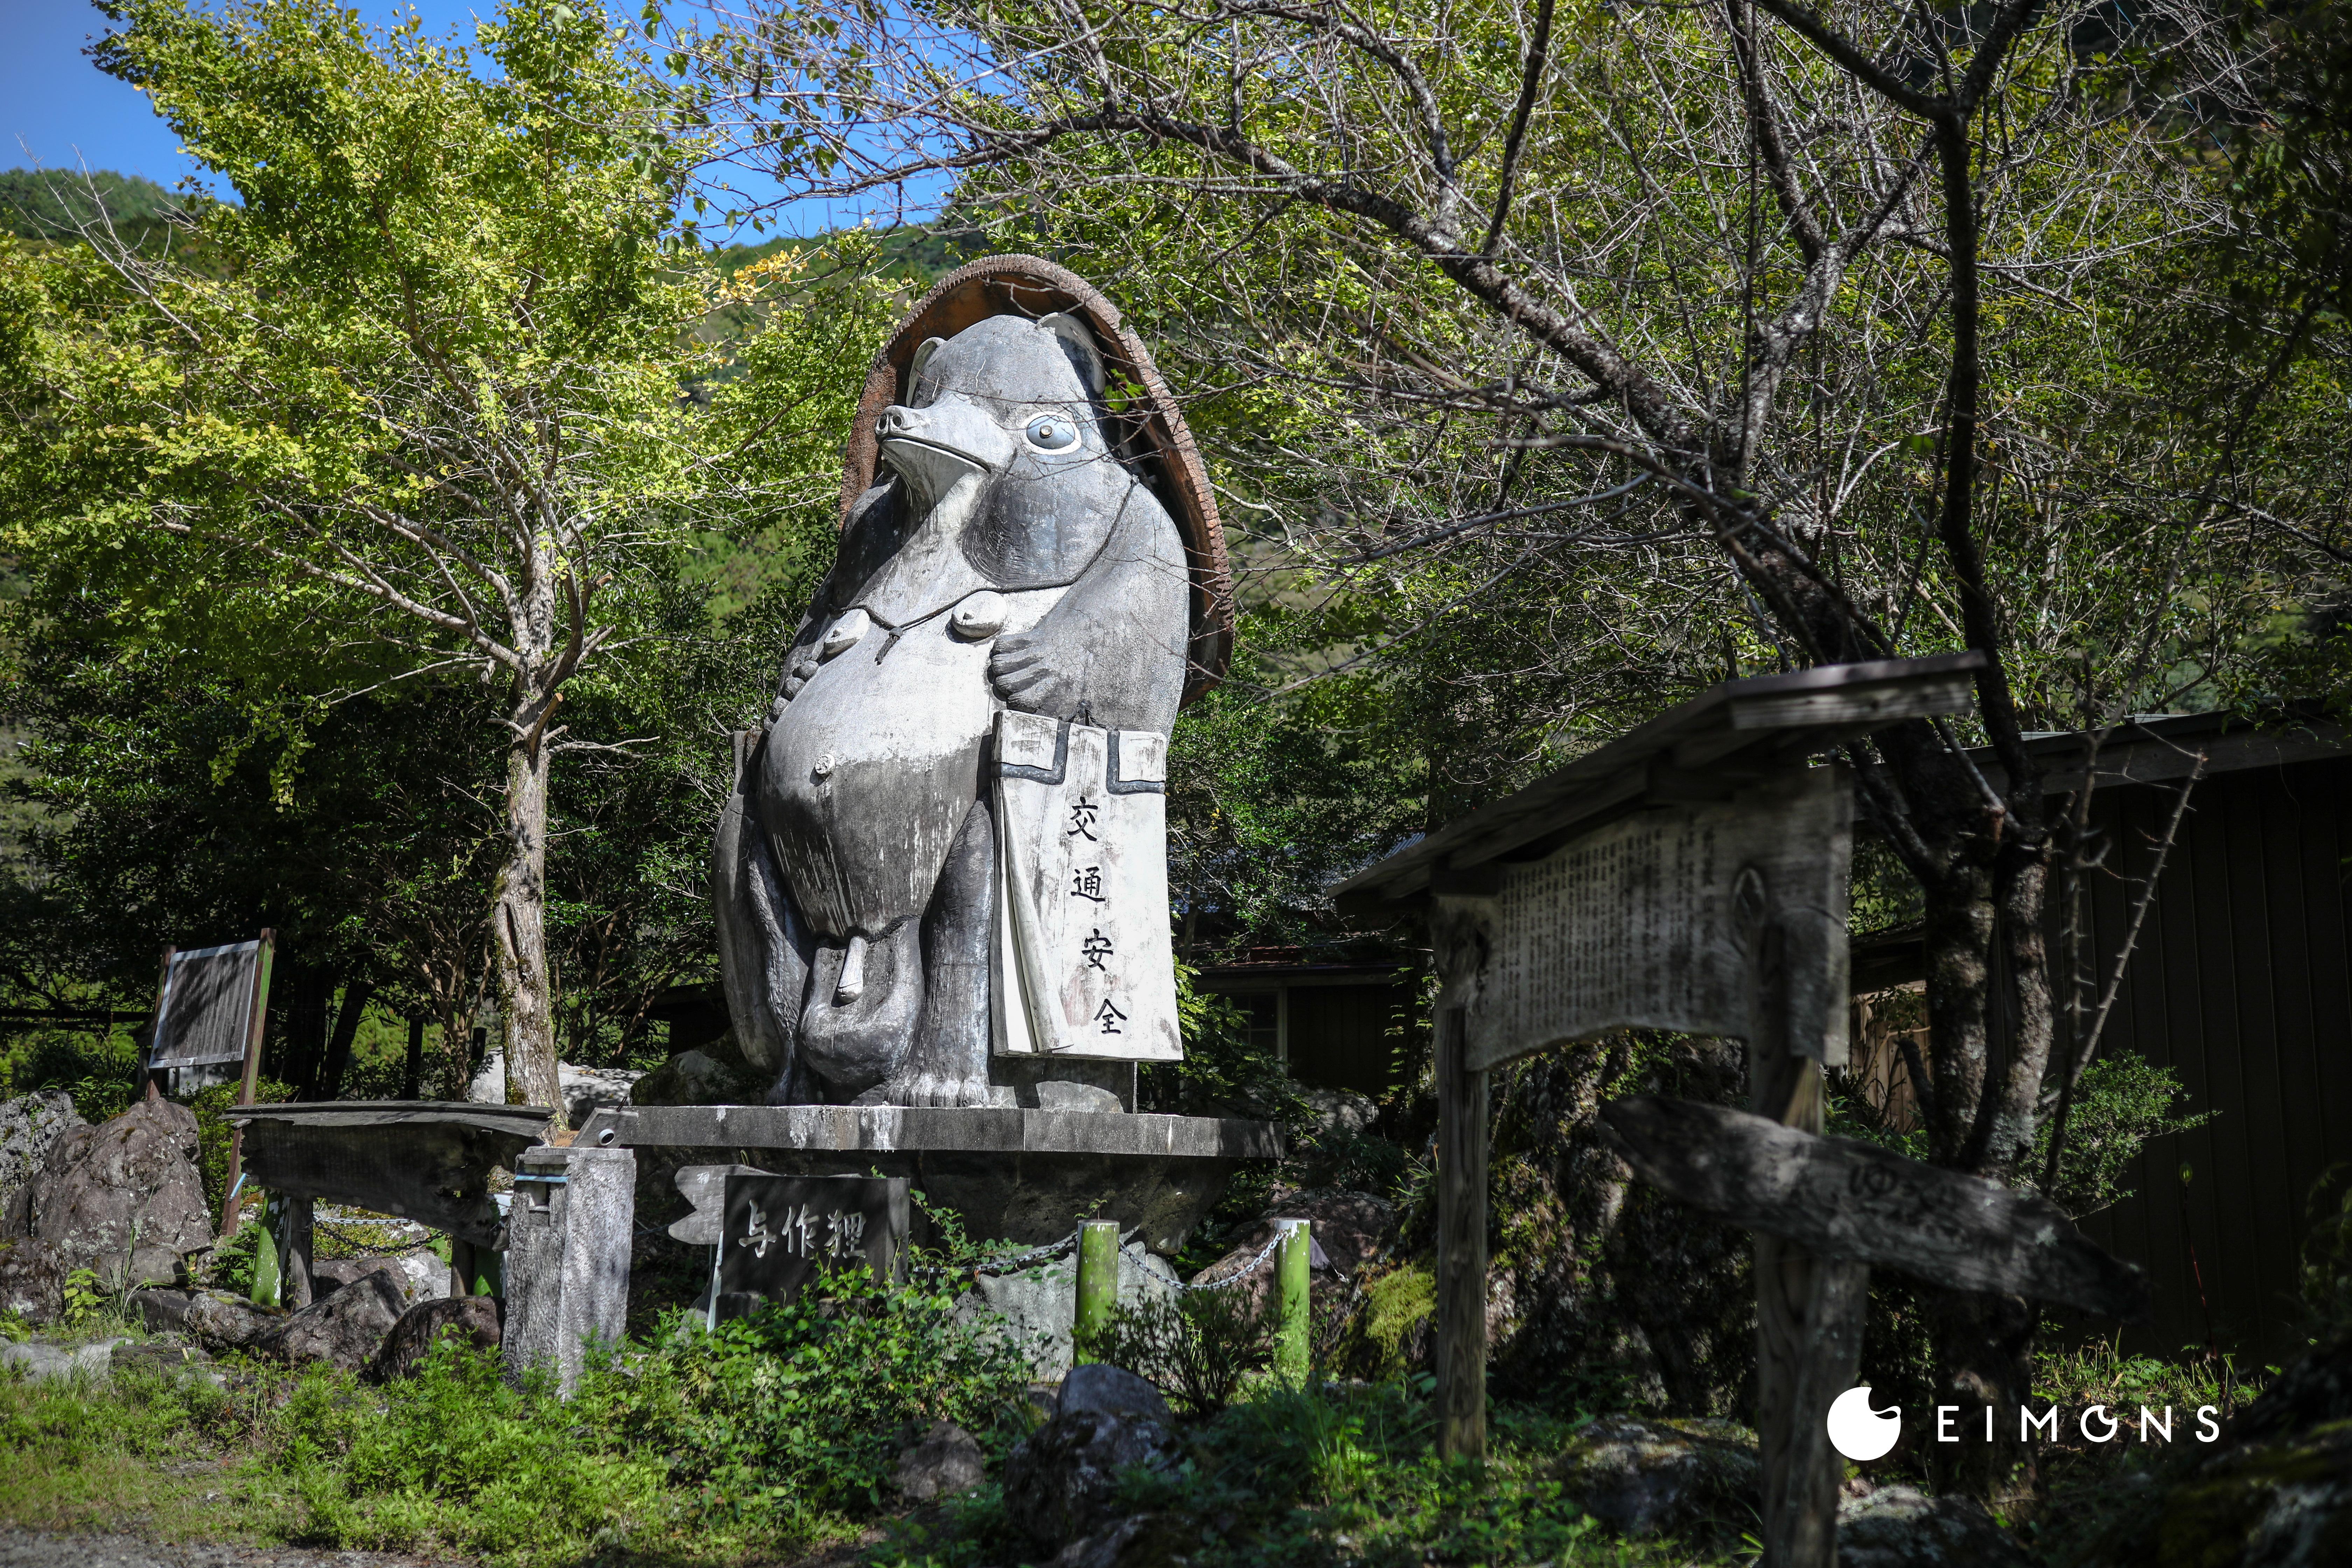 白龍湖(Hakuryuko)|神秘的な青さが話題!地図にない四国カルスト麓の秘境スポット。